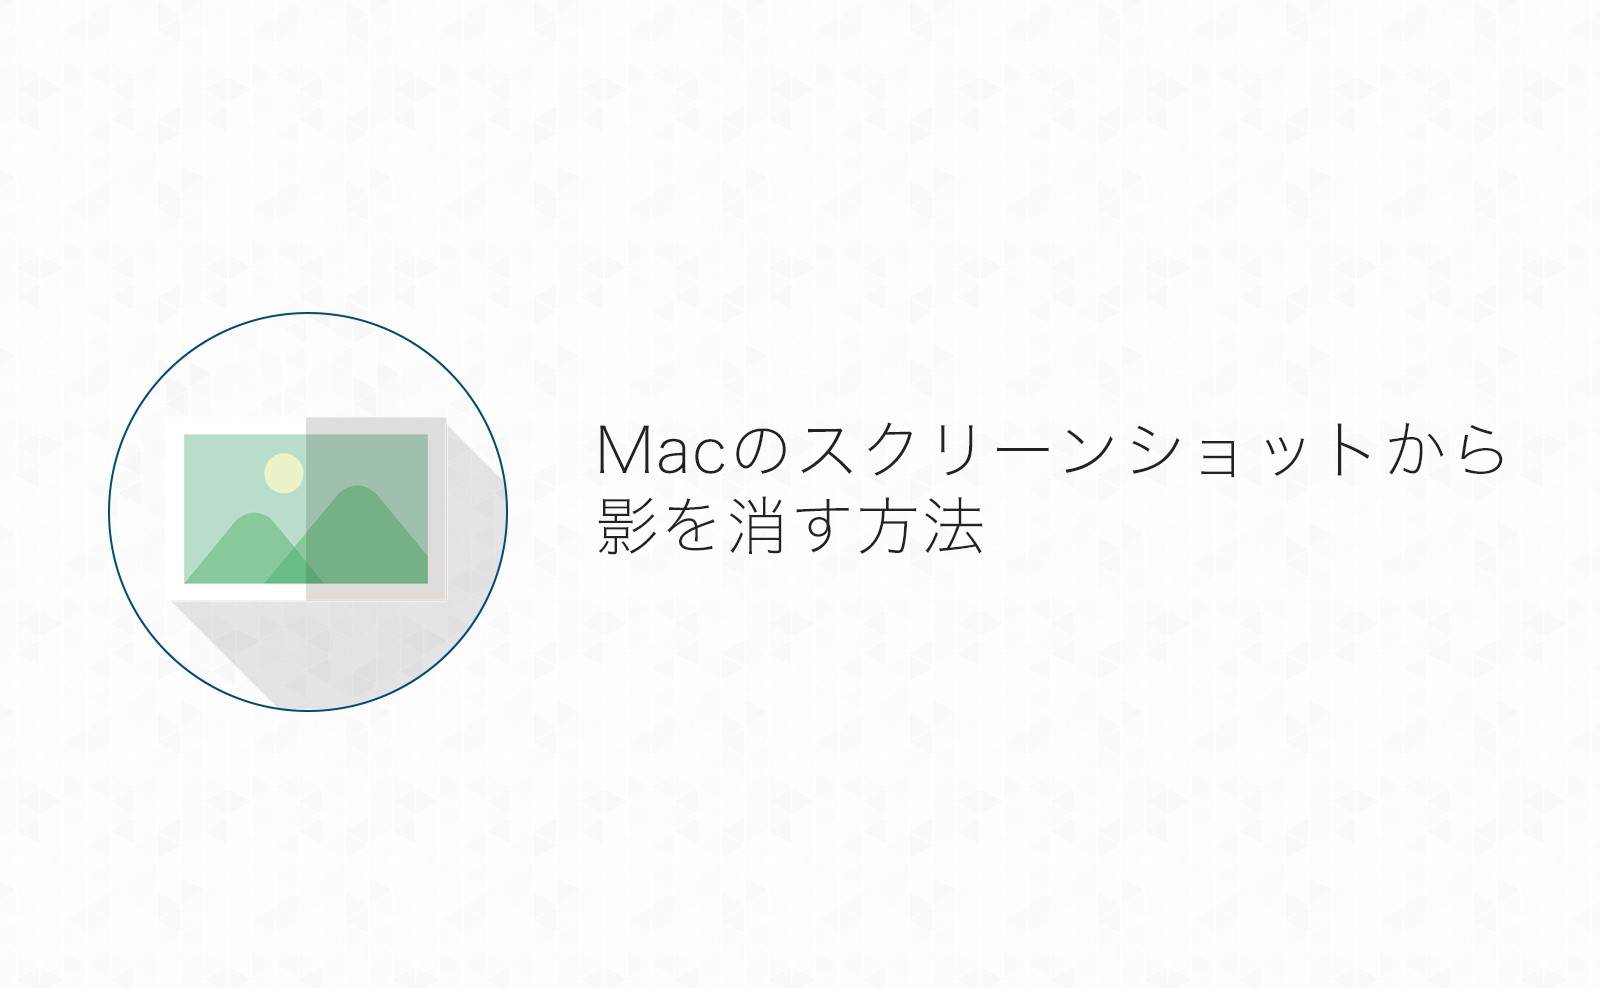 Macで選択したウィンドウのスクリーンショットから影を消す方法